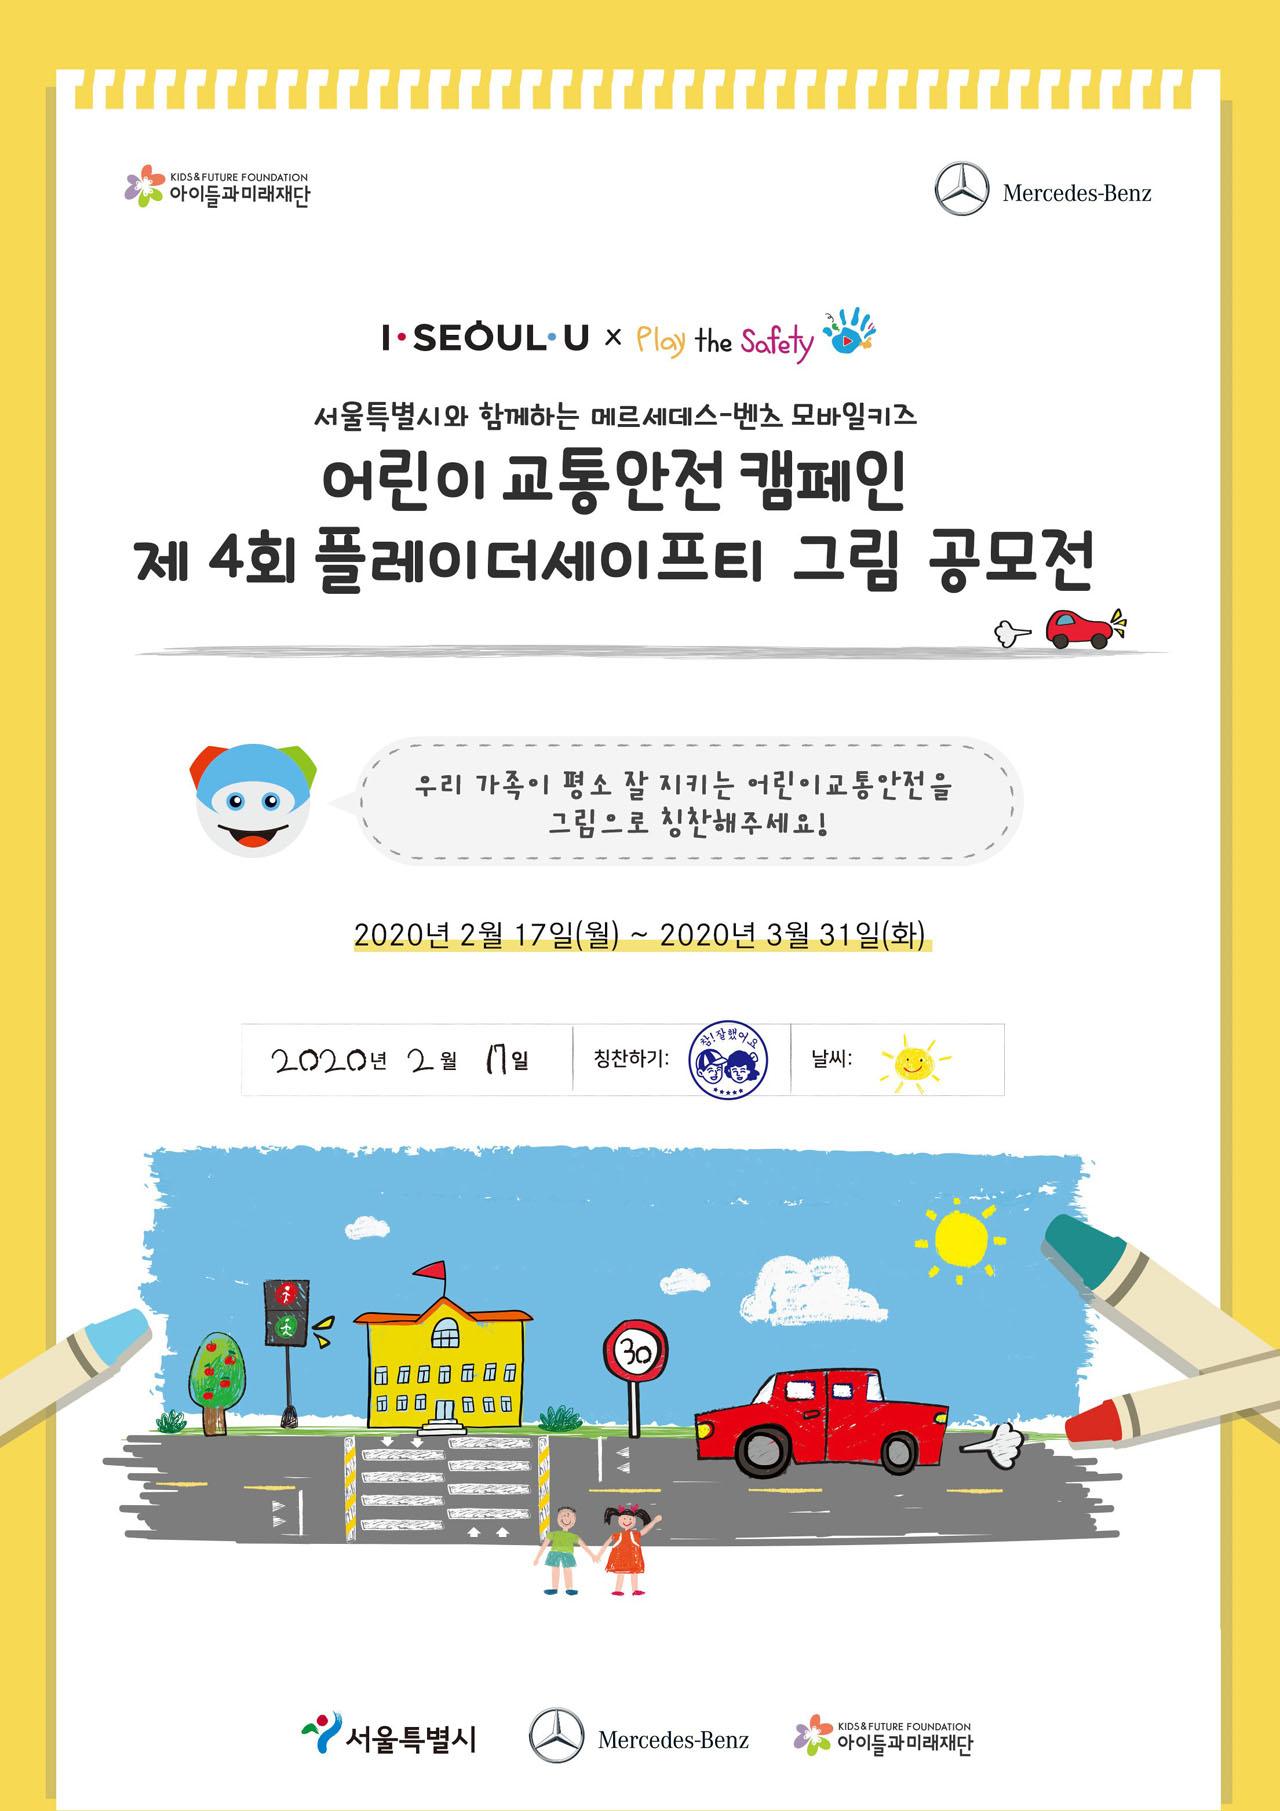 [사진] 어린이 교통안전 캠페인 _제4회 플레이더세이프티(Play the Safety) 그림 공모전_ 포스터